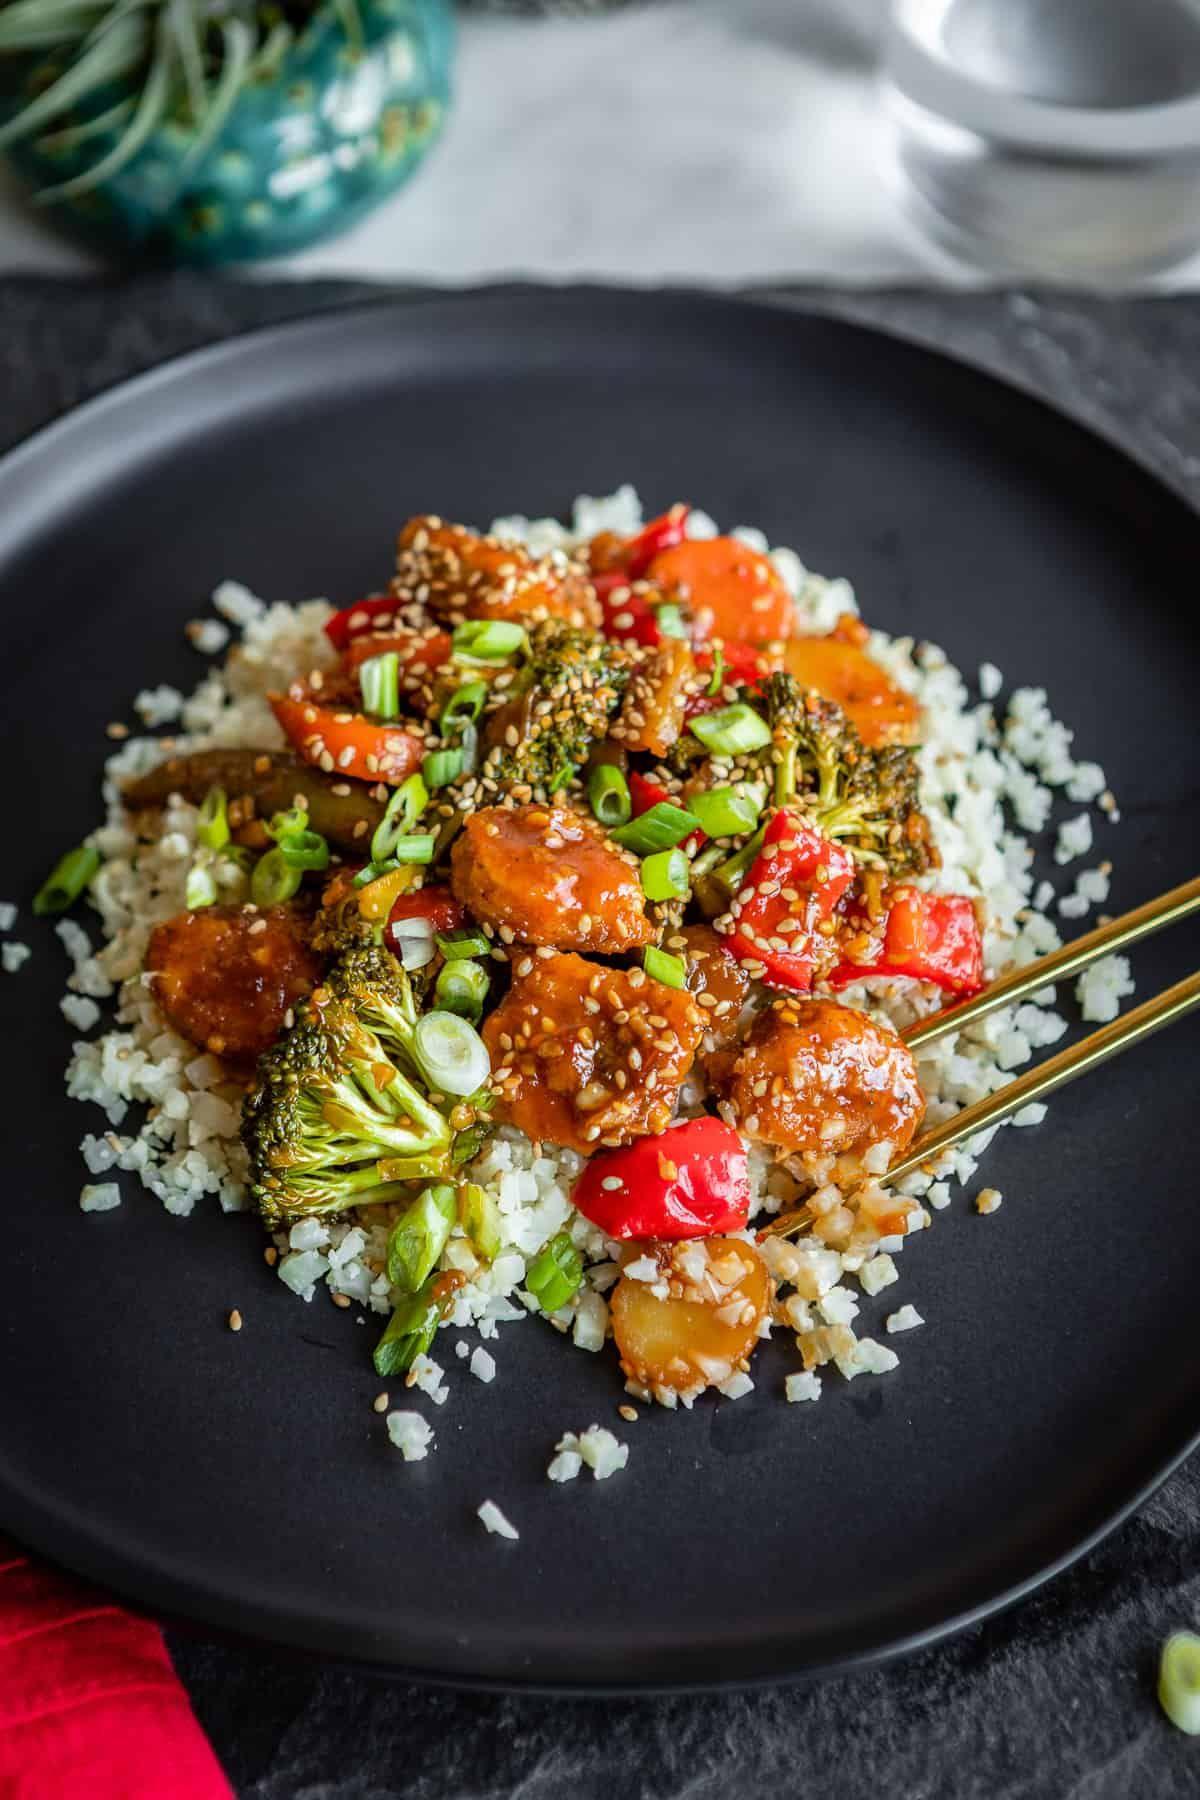 Sweet And Spicy Vegetarian Stir Fry With Crispy Tenders